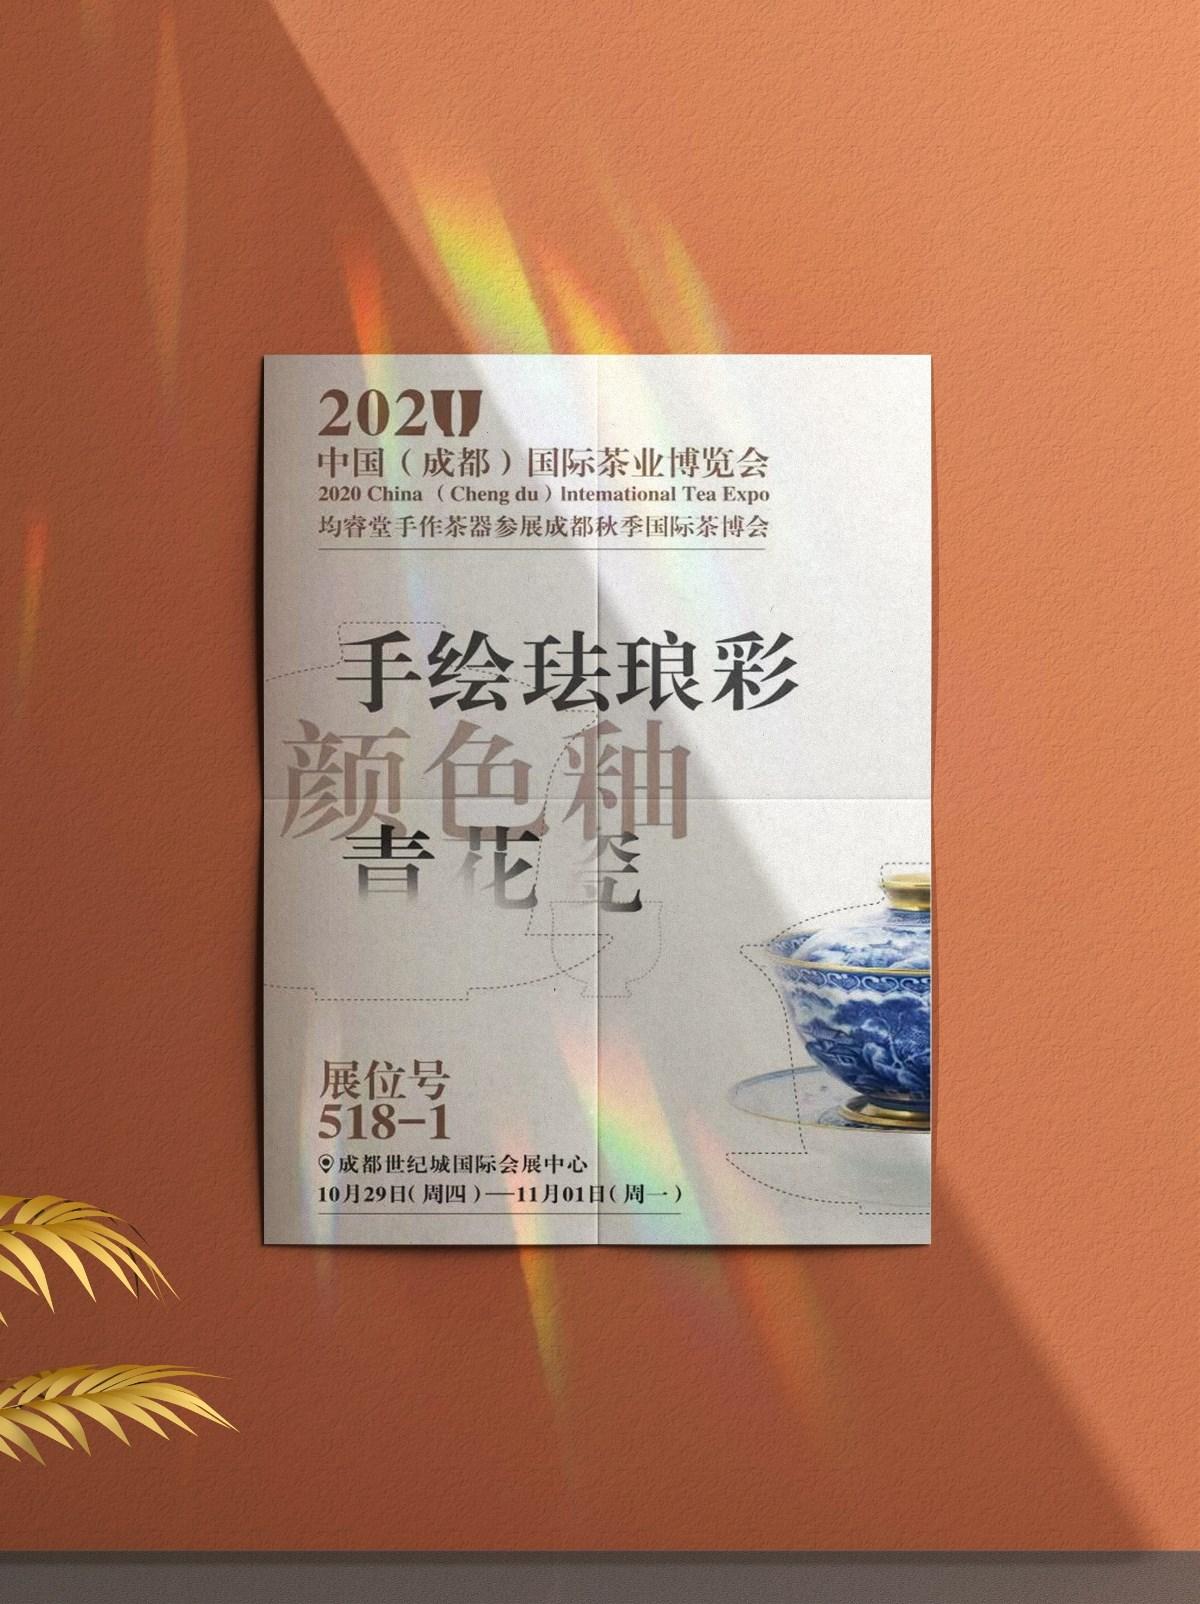 陶瓷瓷器四折页设计 博览会展会宣传海报设计